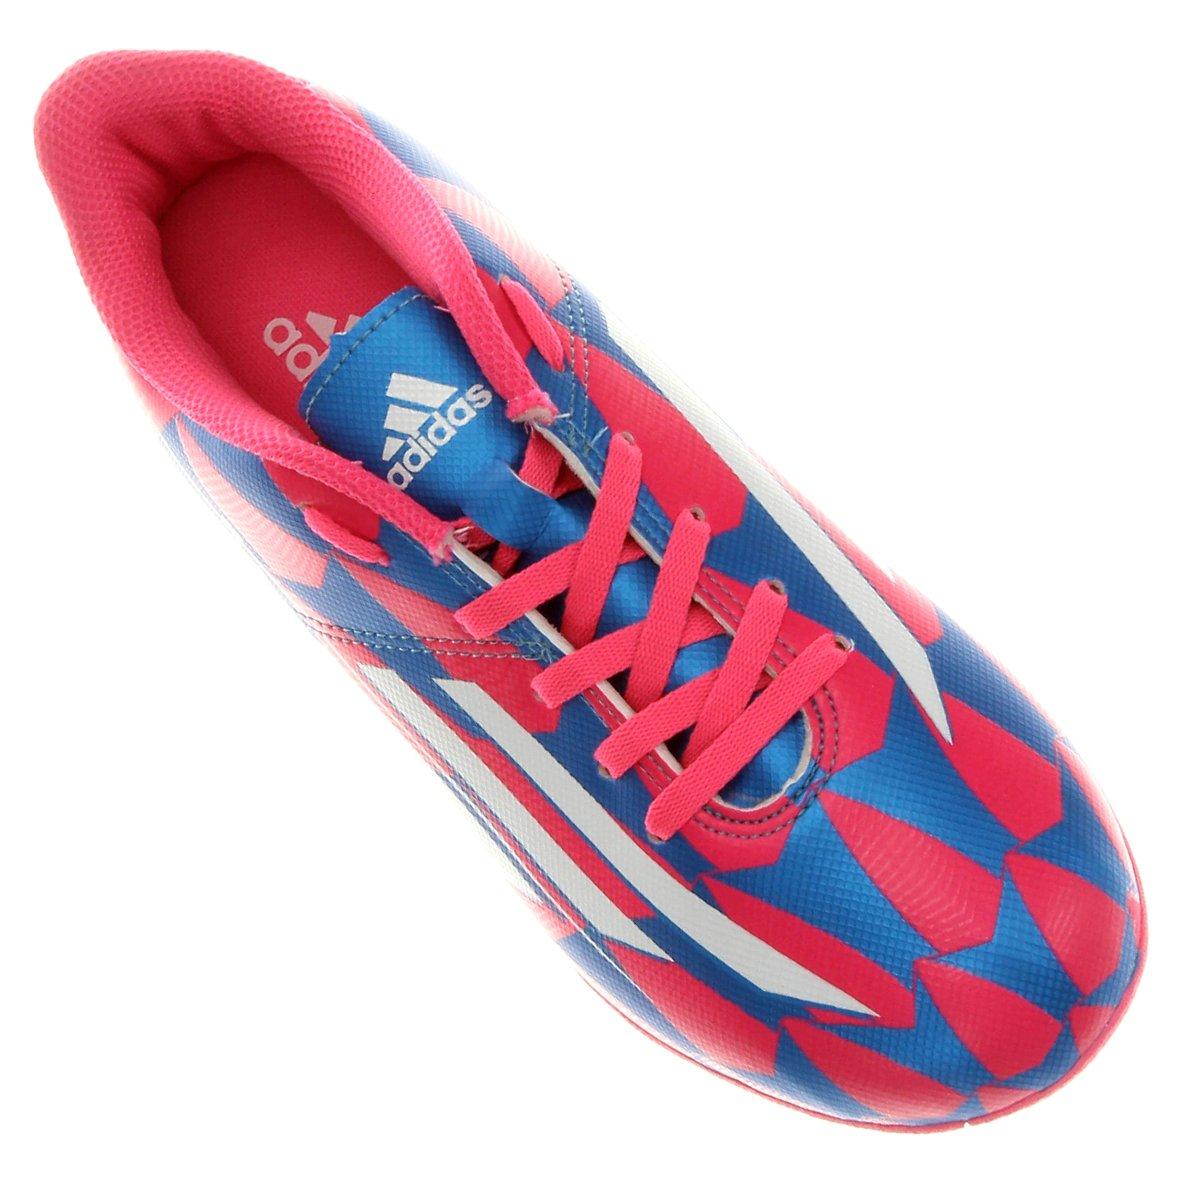 Chuteira Adidas F5 TF Juvenil - Compre Agora  4884a3d86c1e4